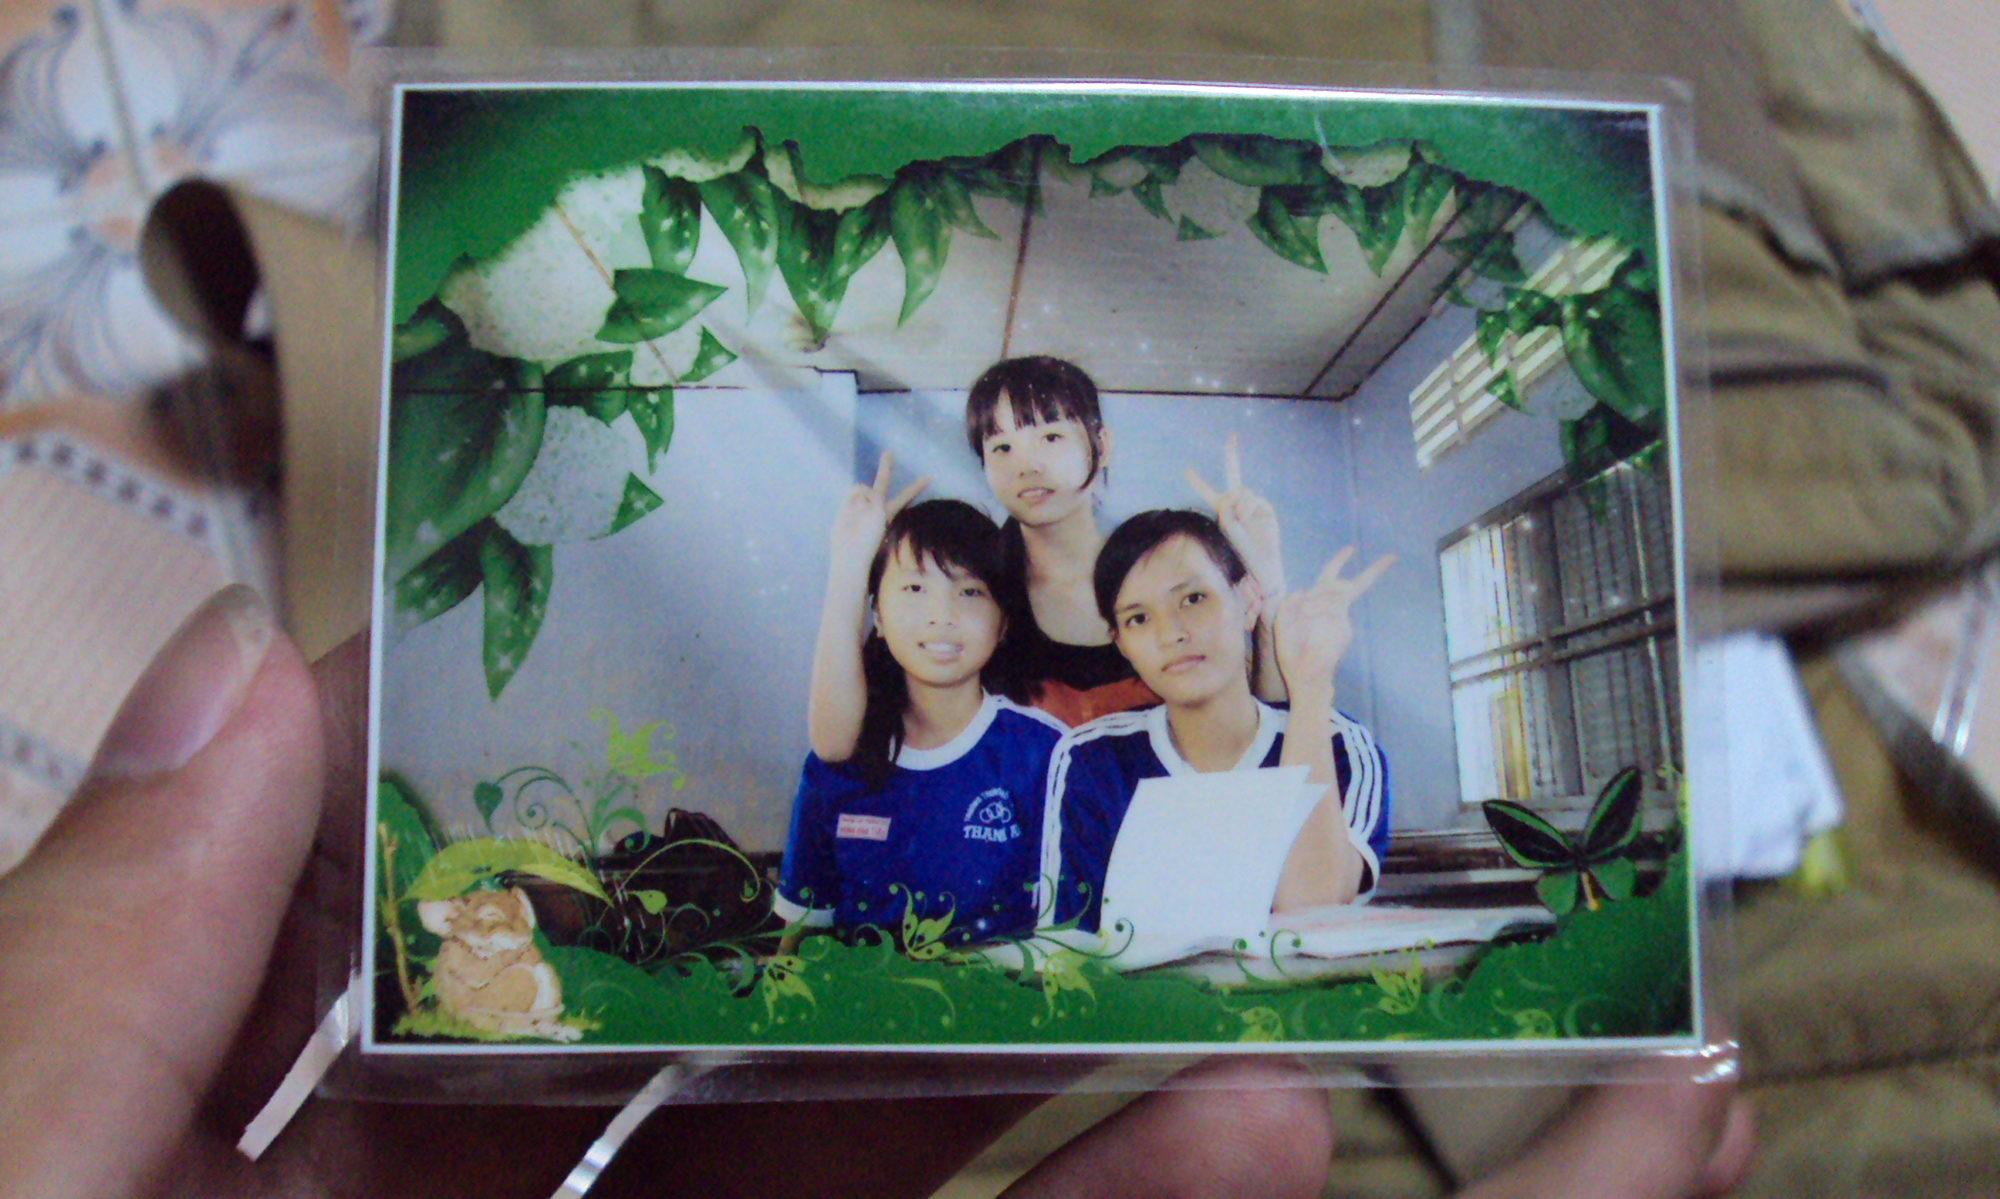 Soli Phuong is Me